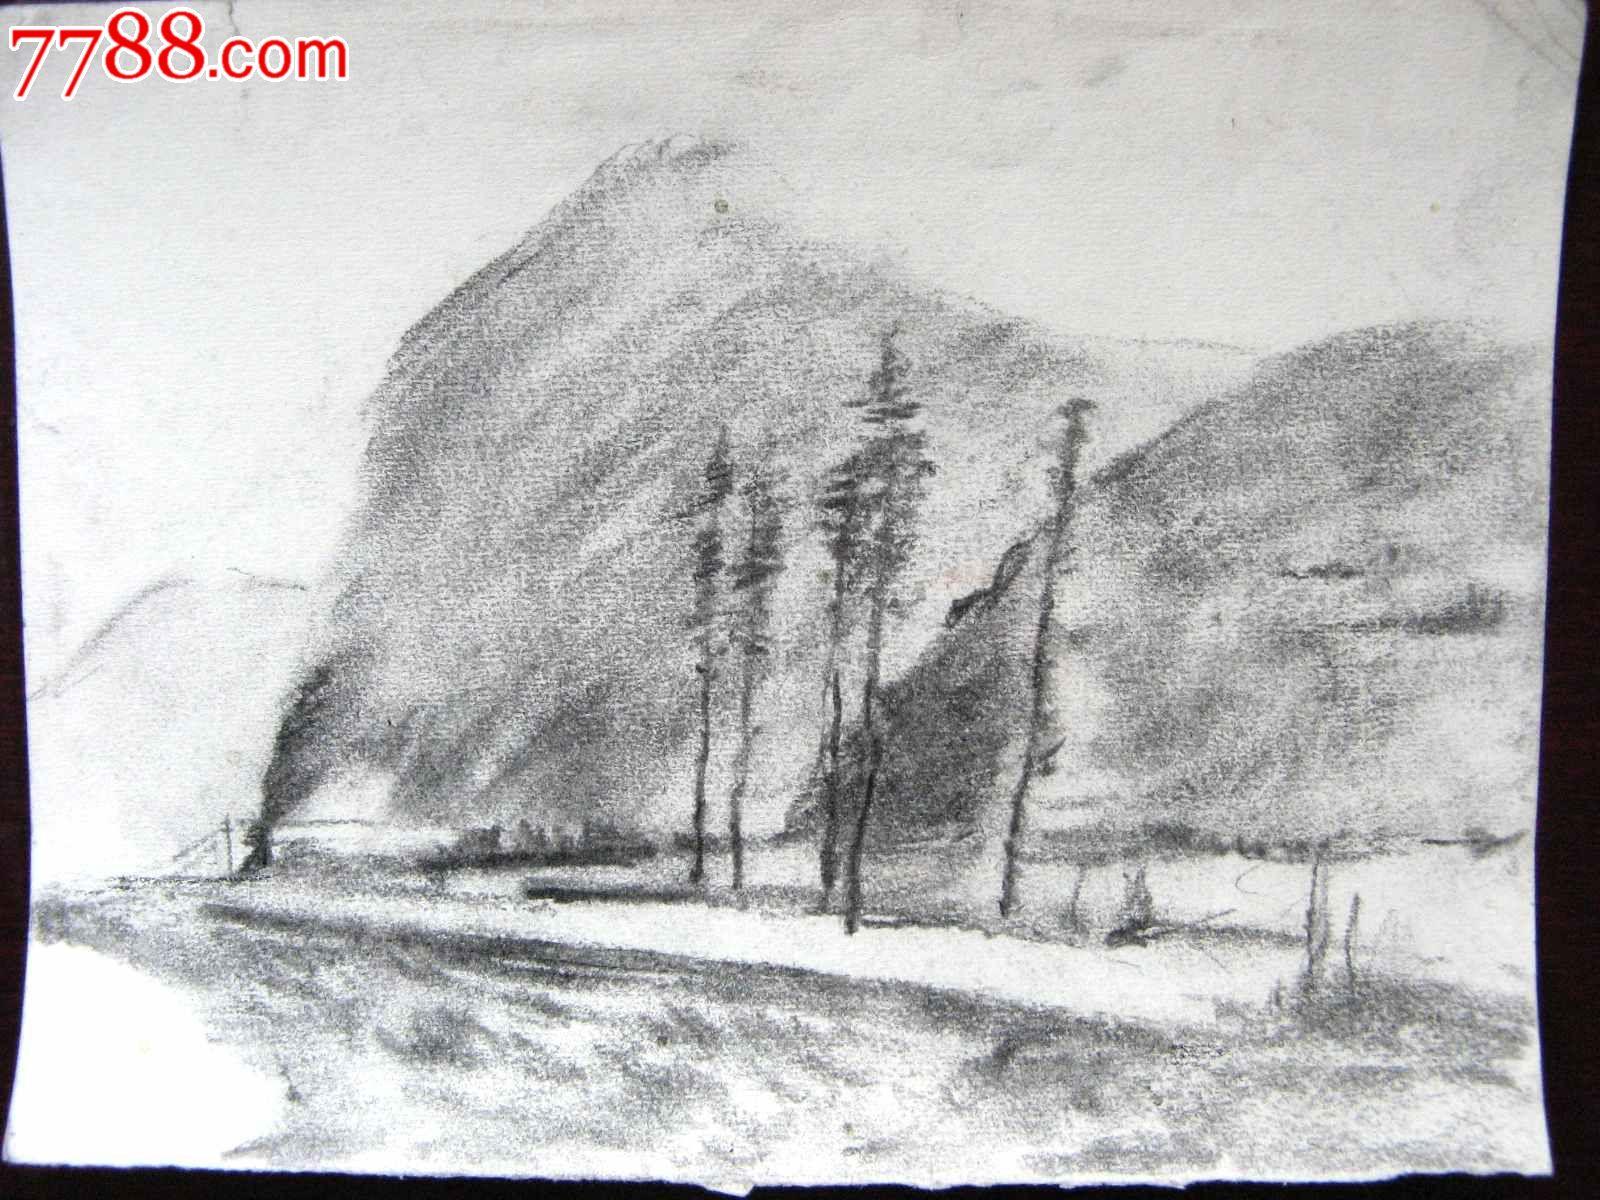 素描风景山水画 山区公路